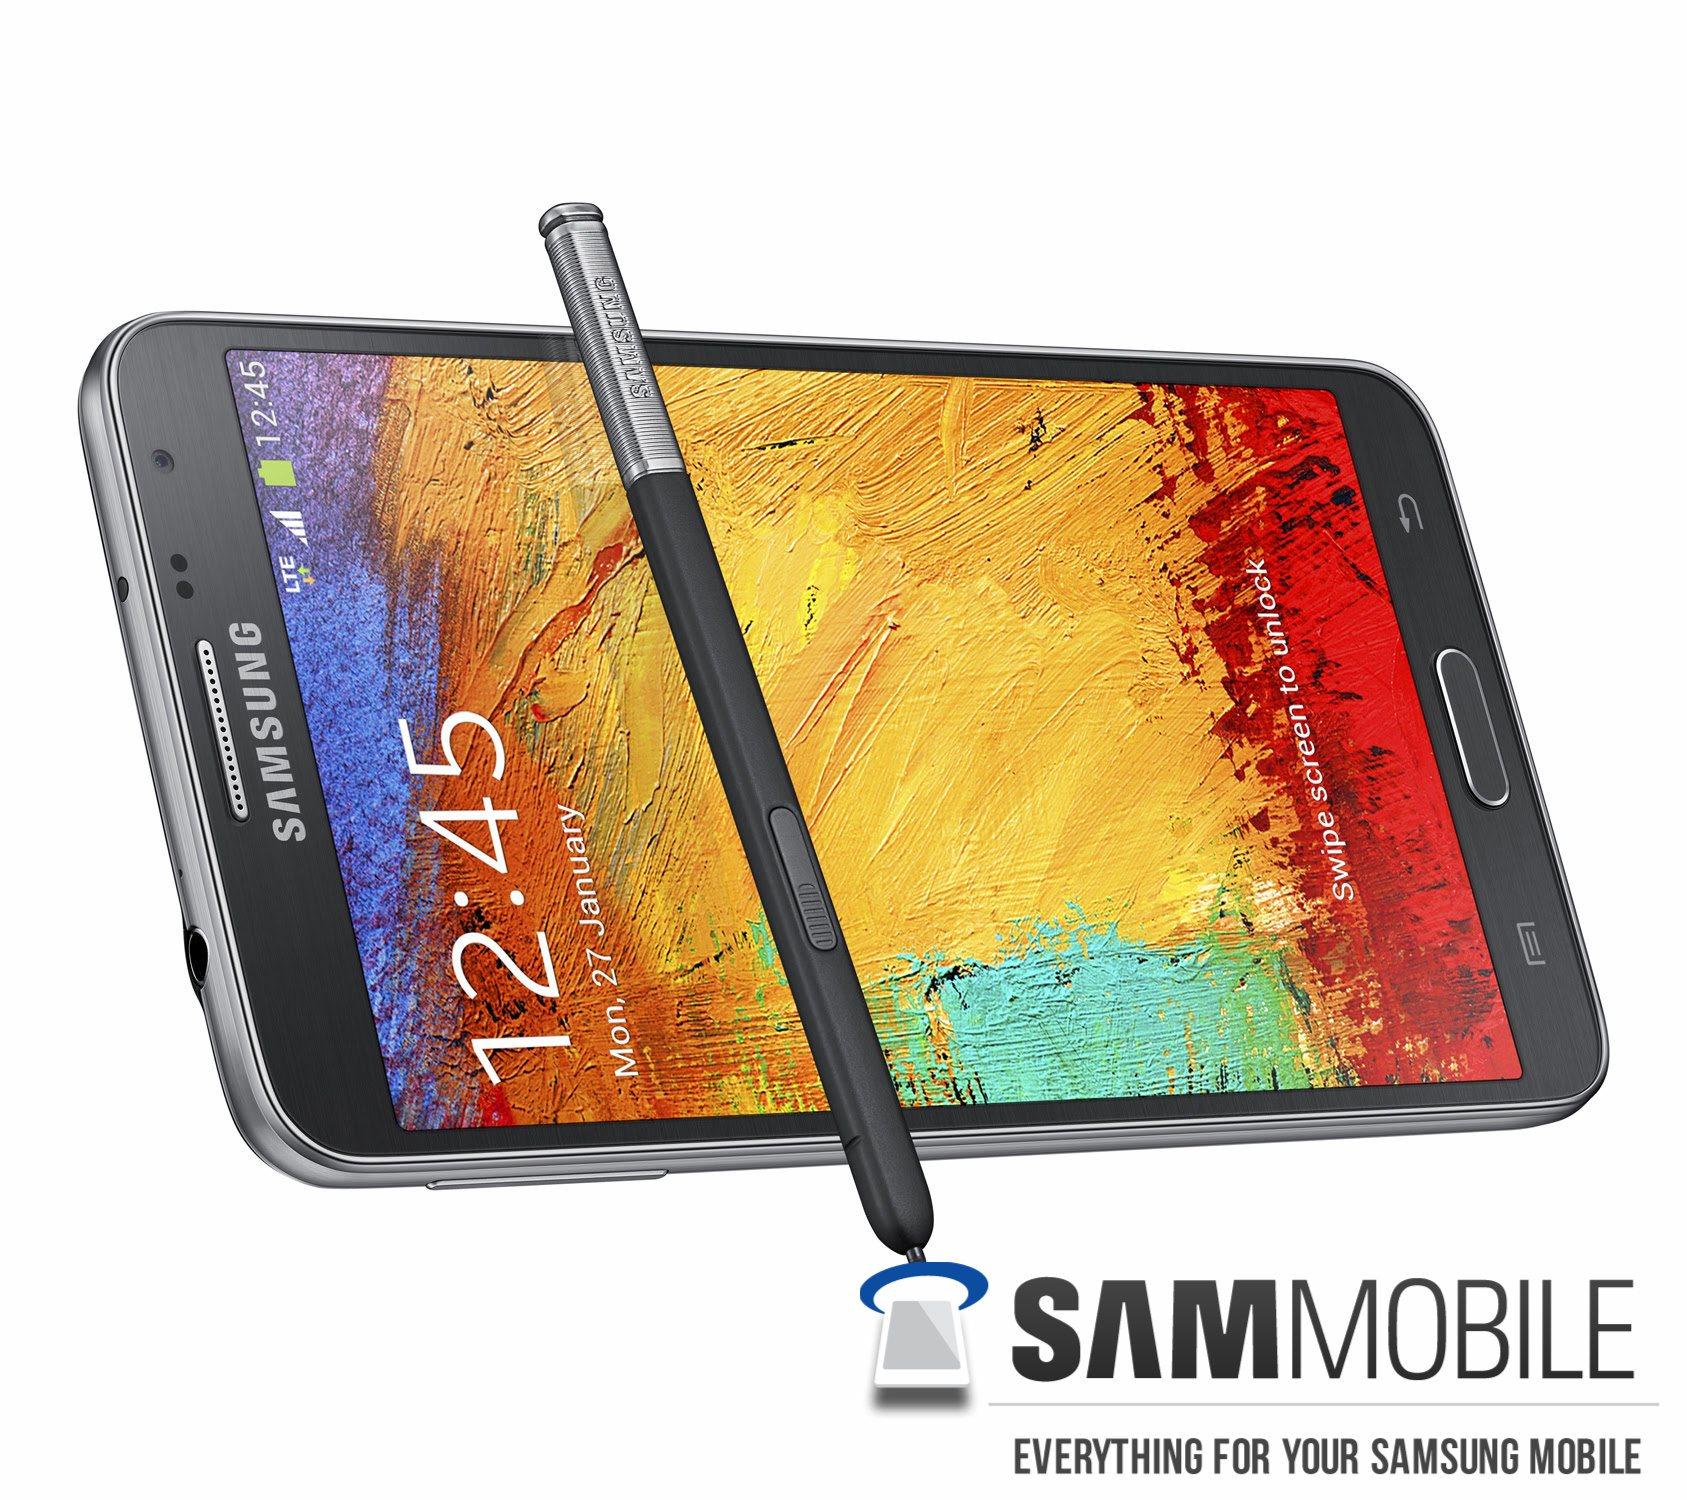 Samsung Galaxy Note 3 Neo offical Pantalla de lado y S-Pen